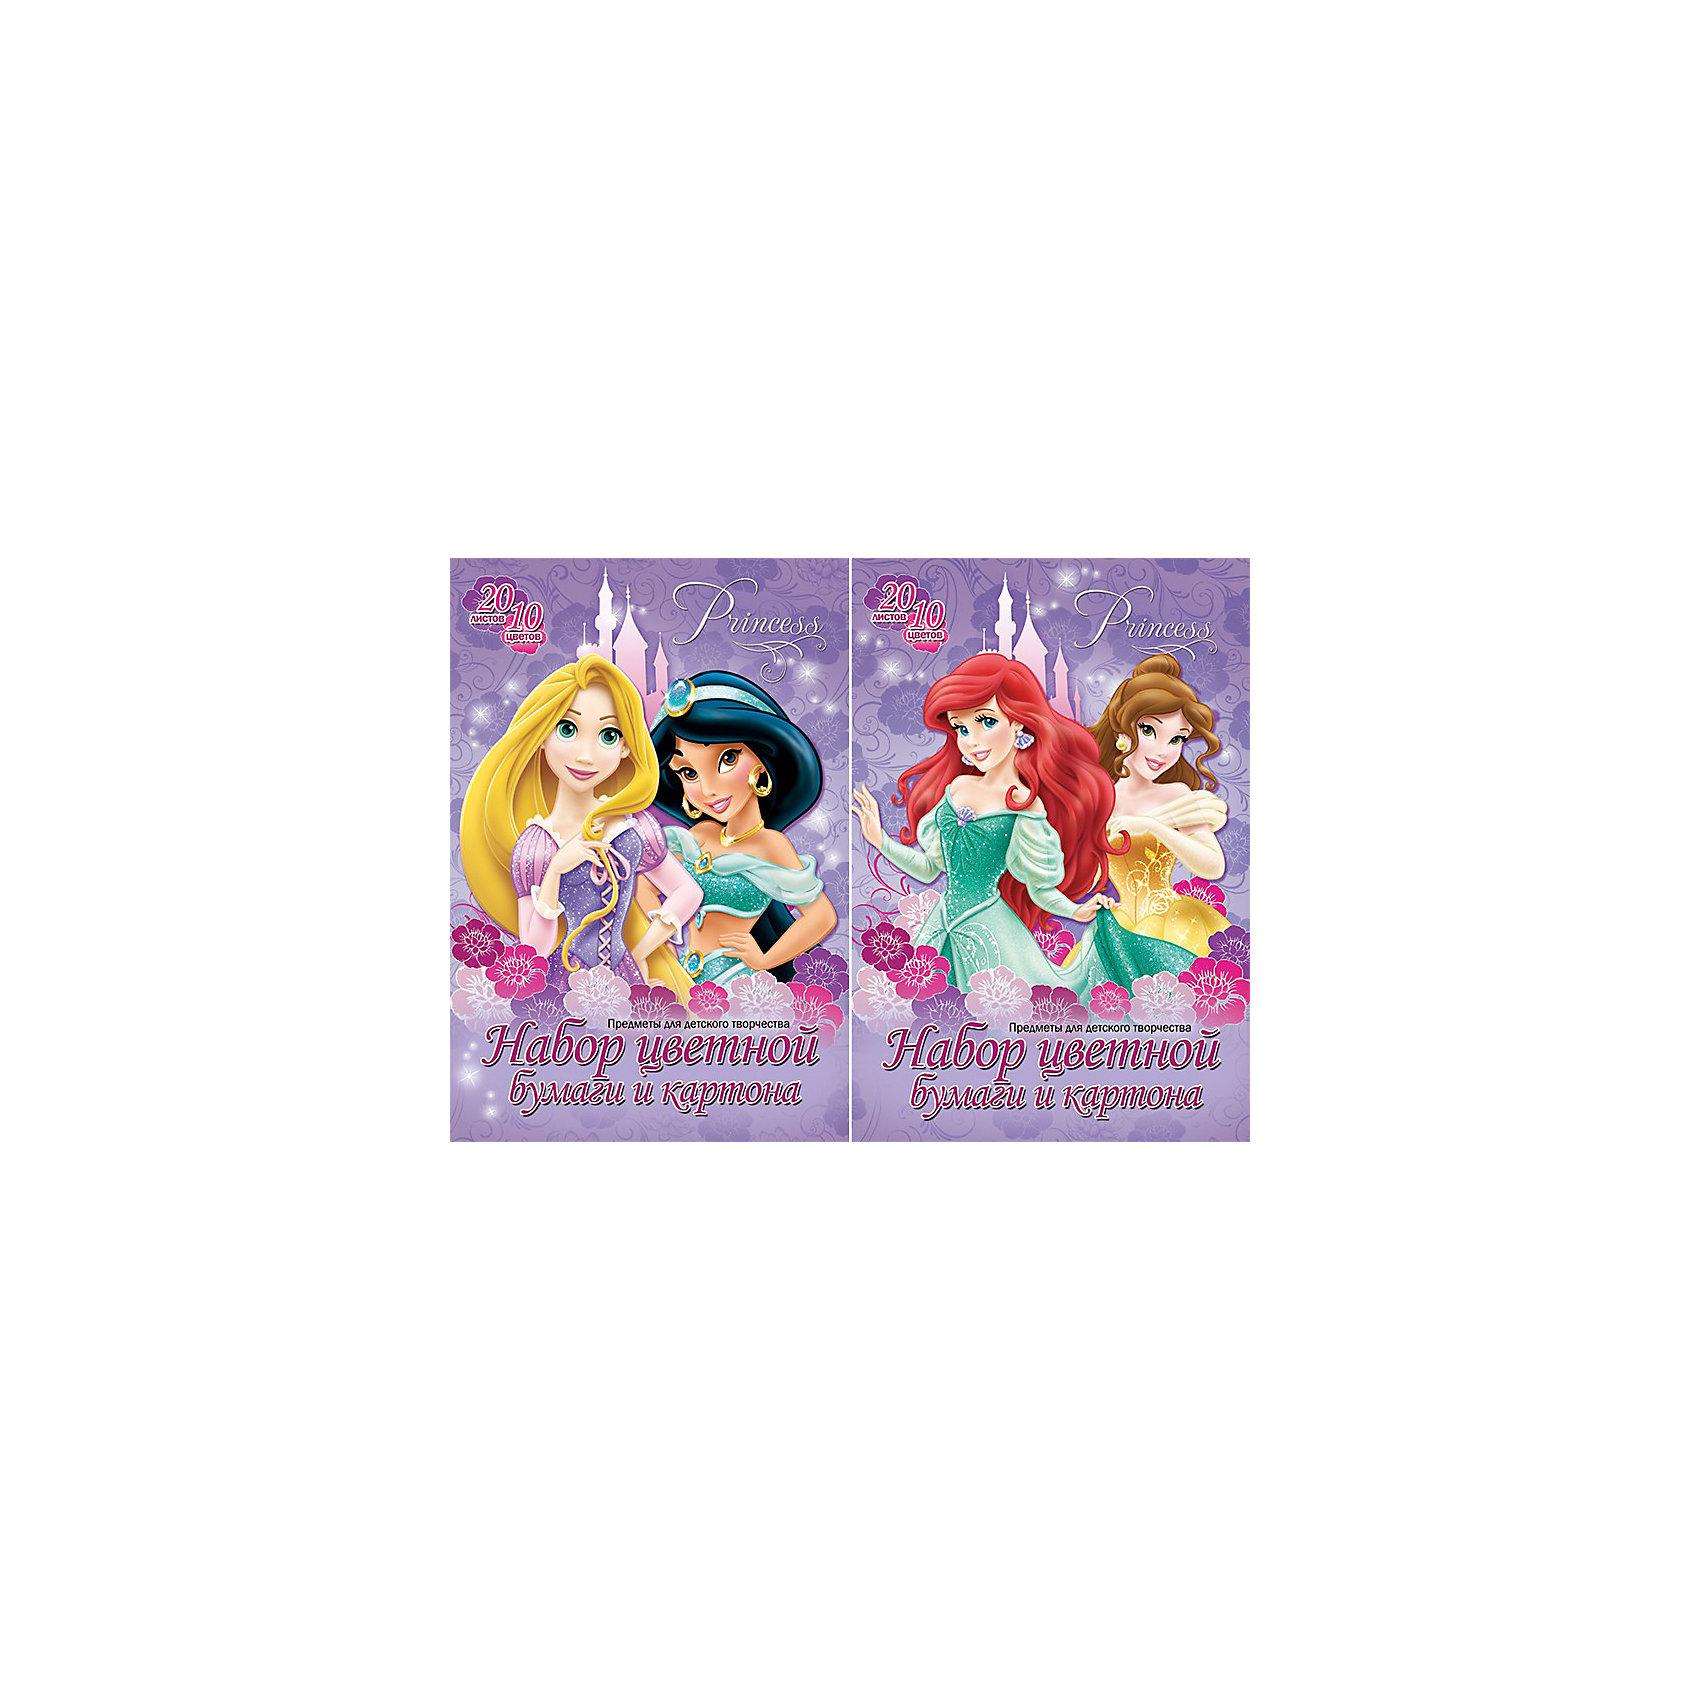 Цветной картон и бумага, 10 цветов, 20л, Принцессы ДиснейКартон<br>Набор цветного картона и бумаги Disney Princess (Принцессы Диснея) - это отличный материал для детского творчества, поделок и аппликаций. В комплект входят 20 листов цветного картона и бумаги 10 цветов. Листы упакованы в картонную папку с изображениями волшебных принцесс из диснеевских мультфильмов.<br><br>Дополнительная информация:<br><br>- Материал: бумага, картон. <br>- Объем: 20 л.<br>- Размер: 20 х 29 х 0,4 см.<br>- Вес: 260 гр.<br><br>Цветной картон и бумагу, 10 цветов, Disney Princess можно купить в нашем интернет-магазине.<br><br>Ширина мм: 200<br>Глубина мм: 290<br>Высота мм: 4<br>Вес г: 260<br>Возраст от месяцев: 48<br>Возраст до месяцев: 84<br>Пол: Женский<br>Возраст: Детский<br>SKU: 3734087